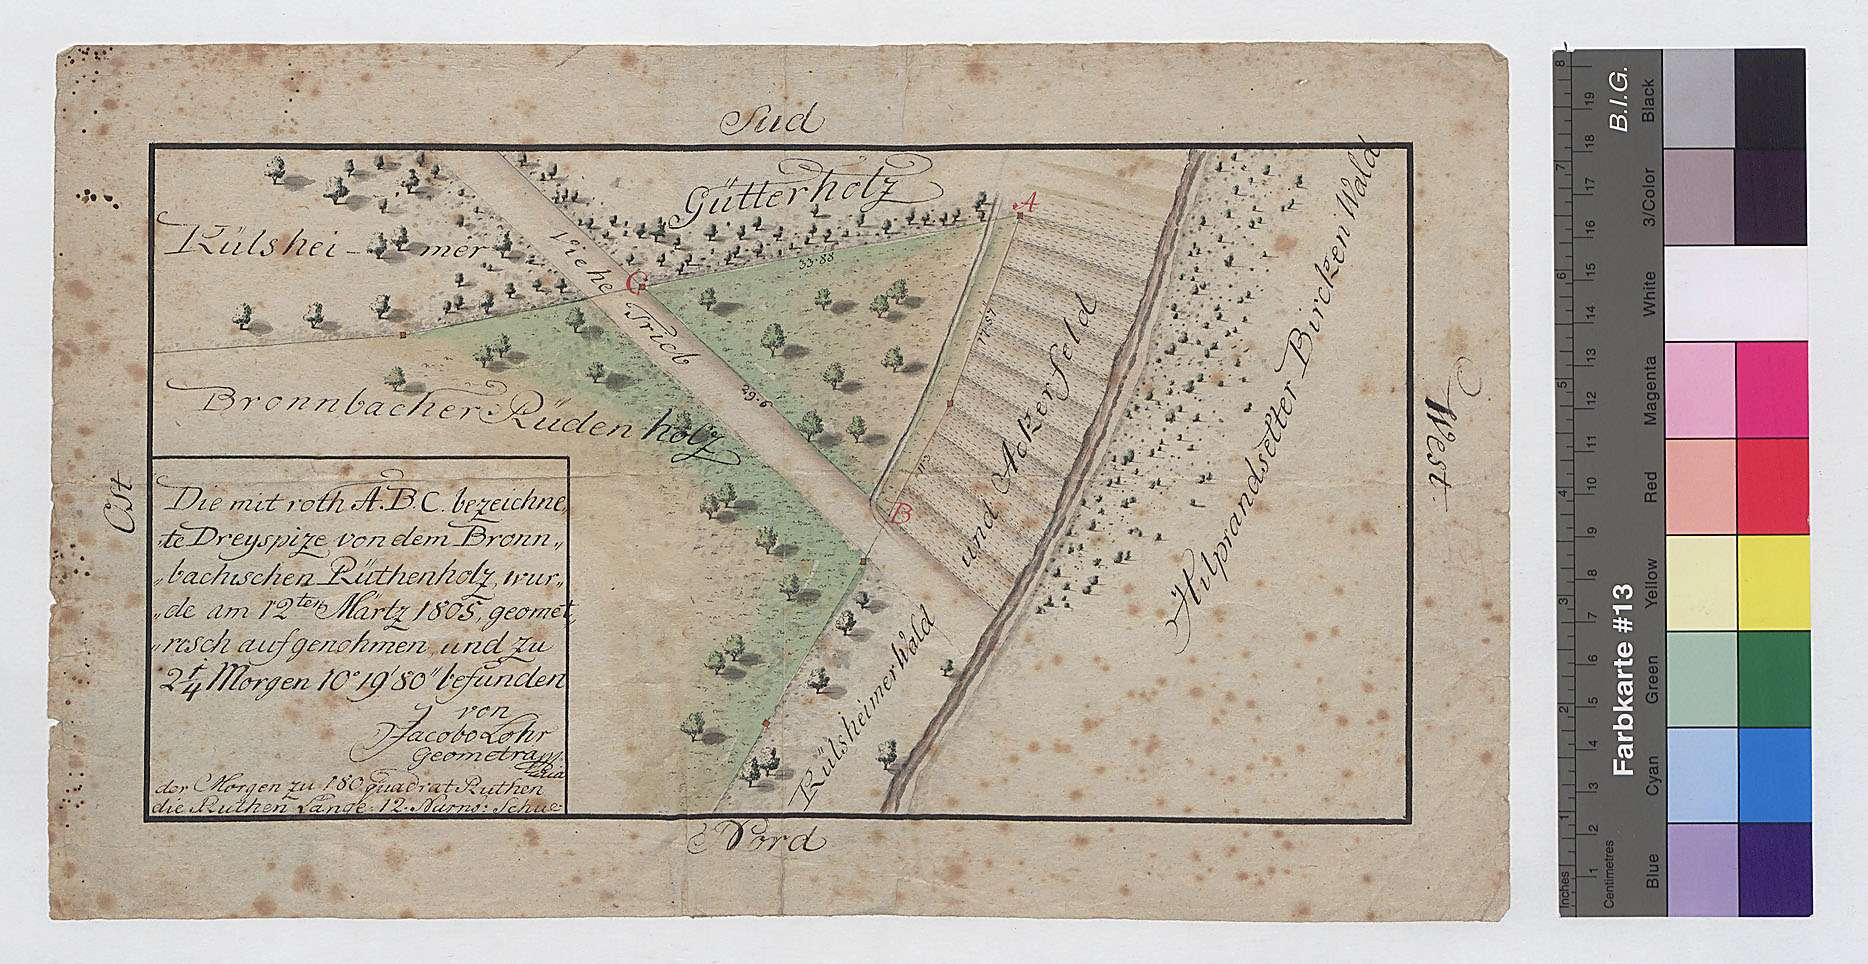 """[Vermessung einer """"Dreispitze von dem bronnbachischen Rüthenholz"""" im südlichen Schönert] (Inselkarte), Bild 1"""